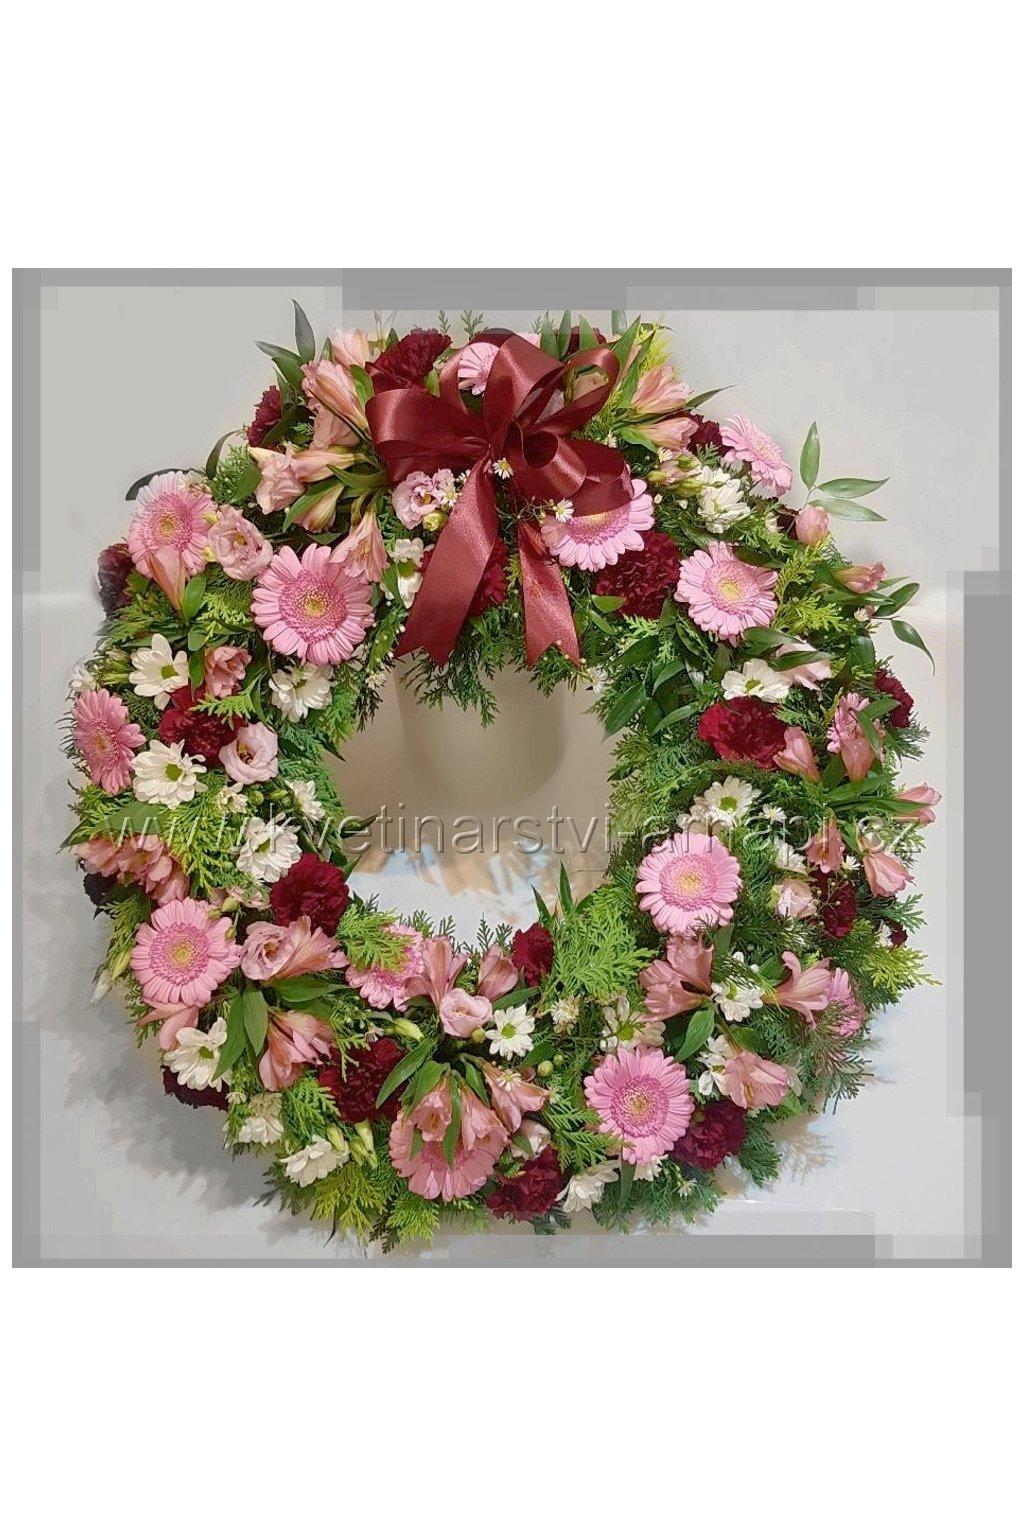 smutecni venec kytice eshop rozvoz kvetinarstvi arnapi